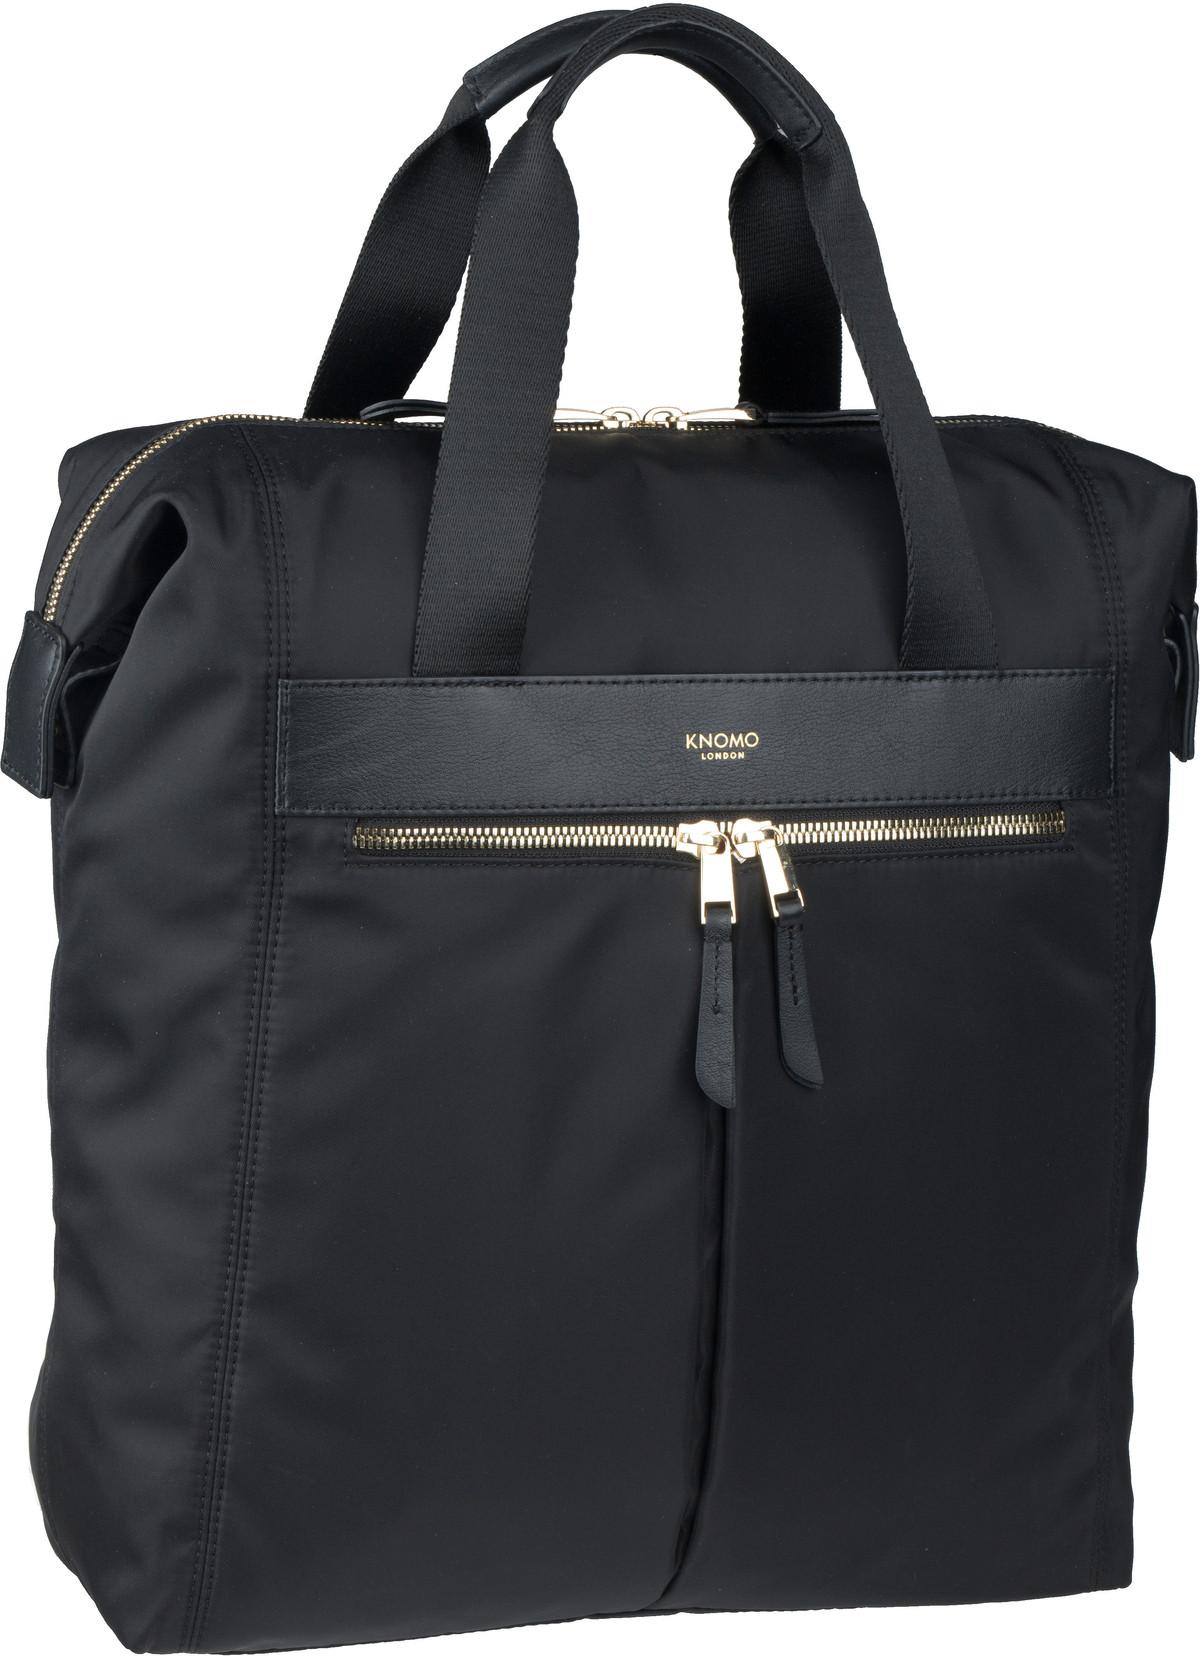 Rucksack / Daypack Mayfair Mini Chiltern 13'' Black/Gold (11.8 Liter)